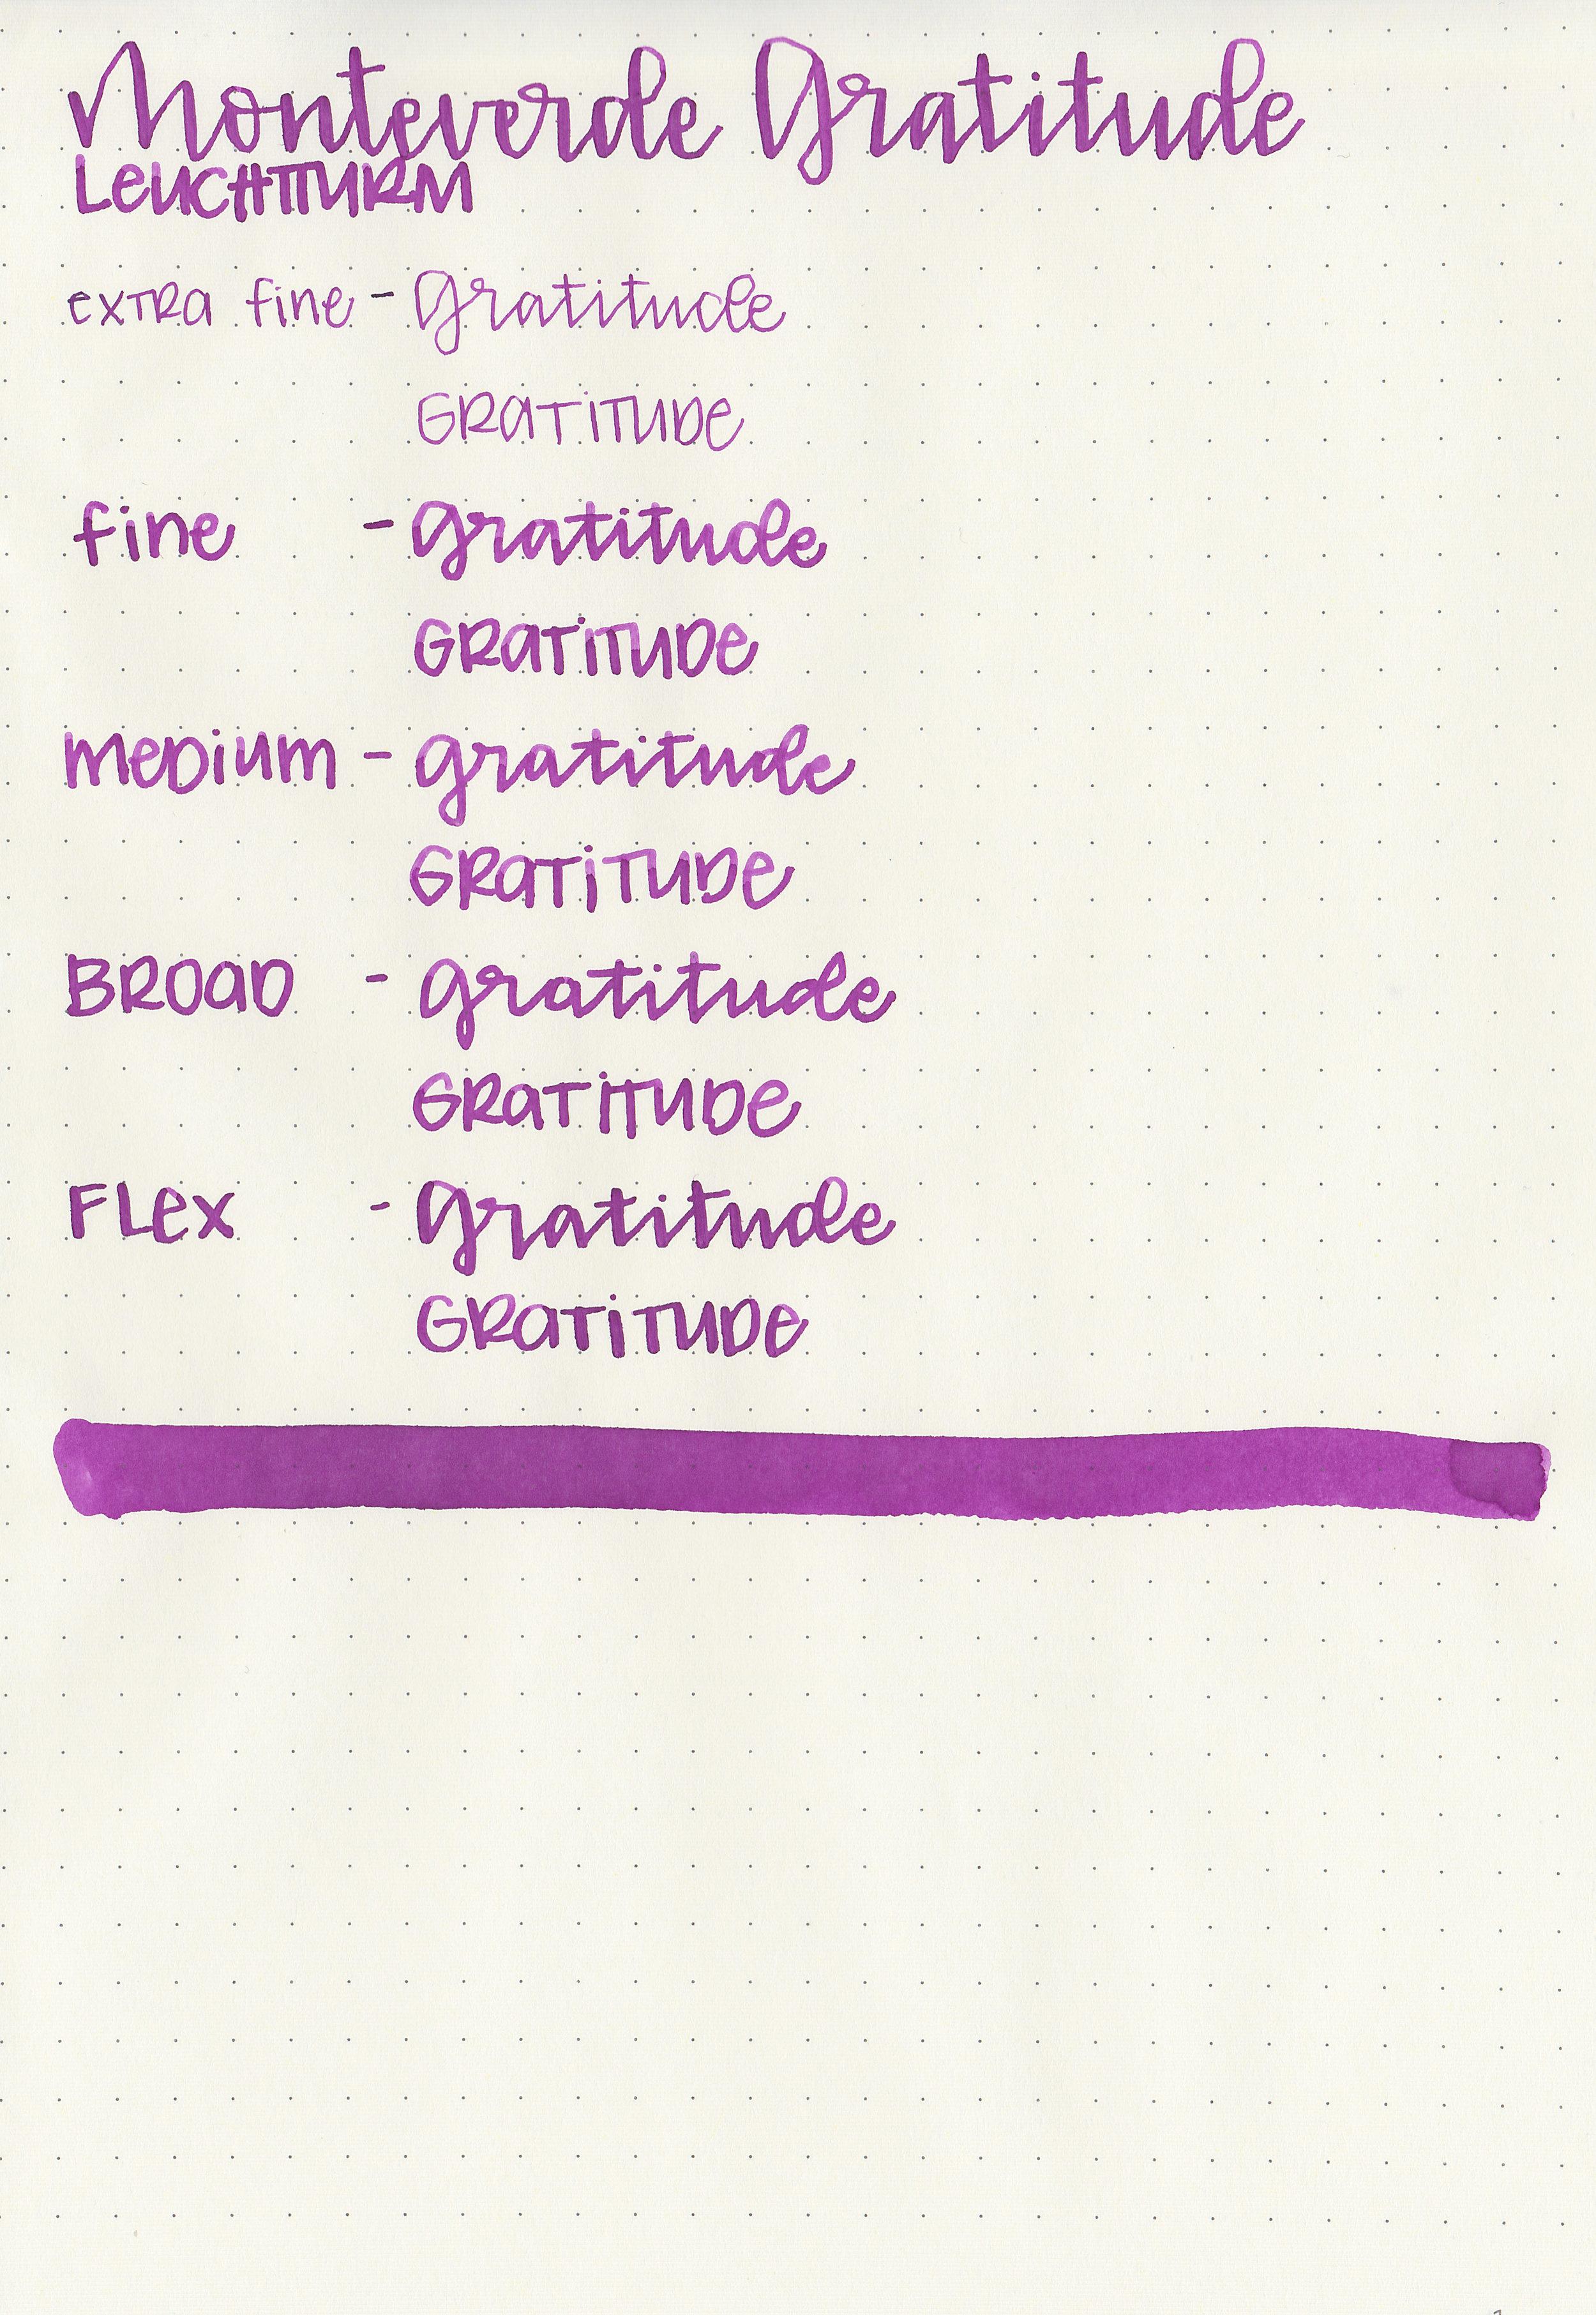 mv-gratitude-9.jpg